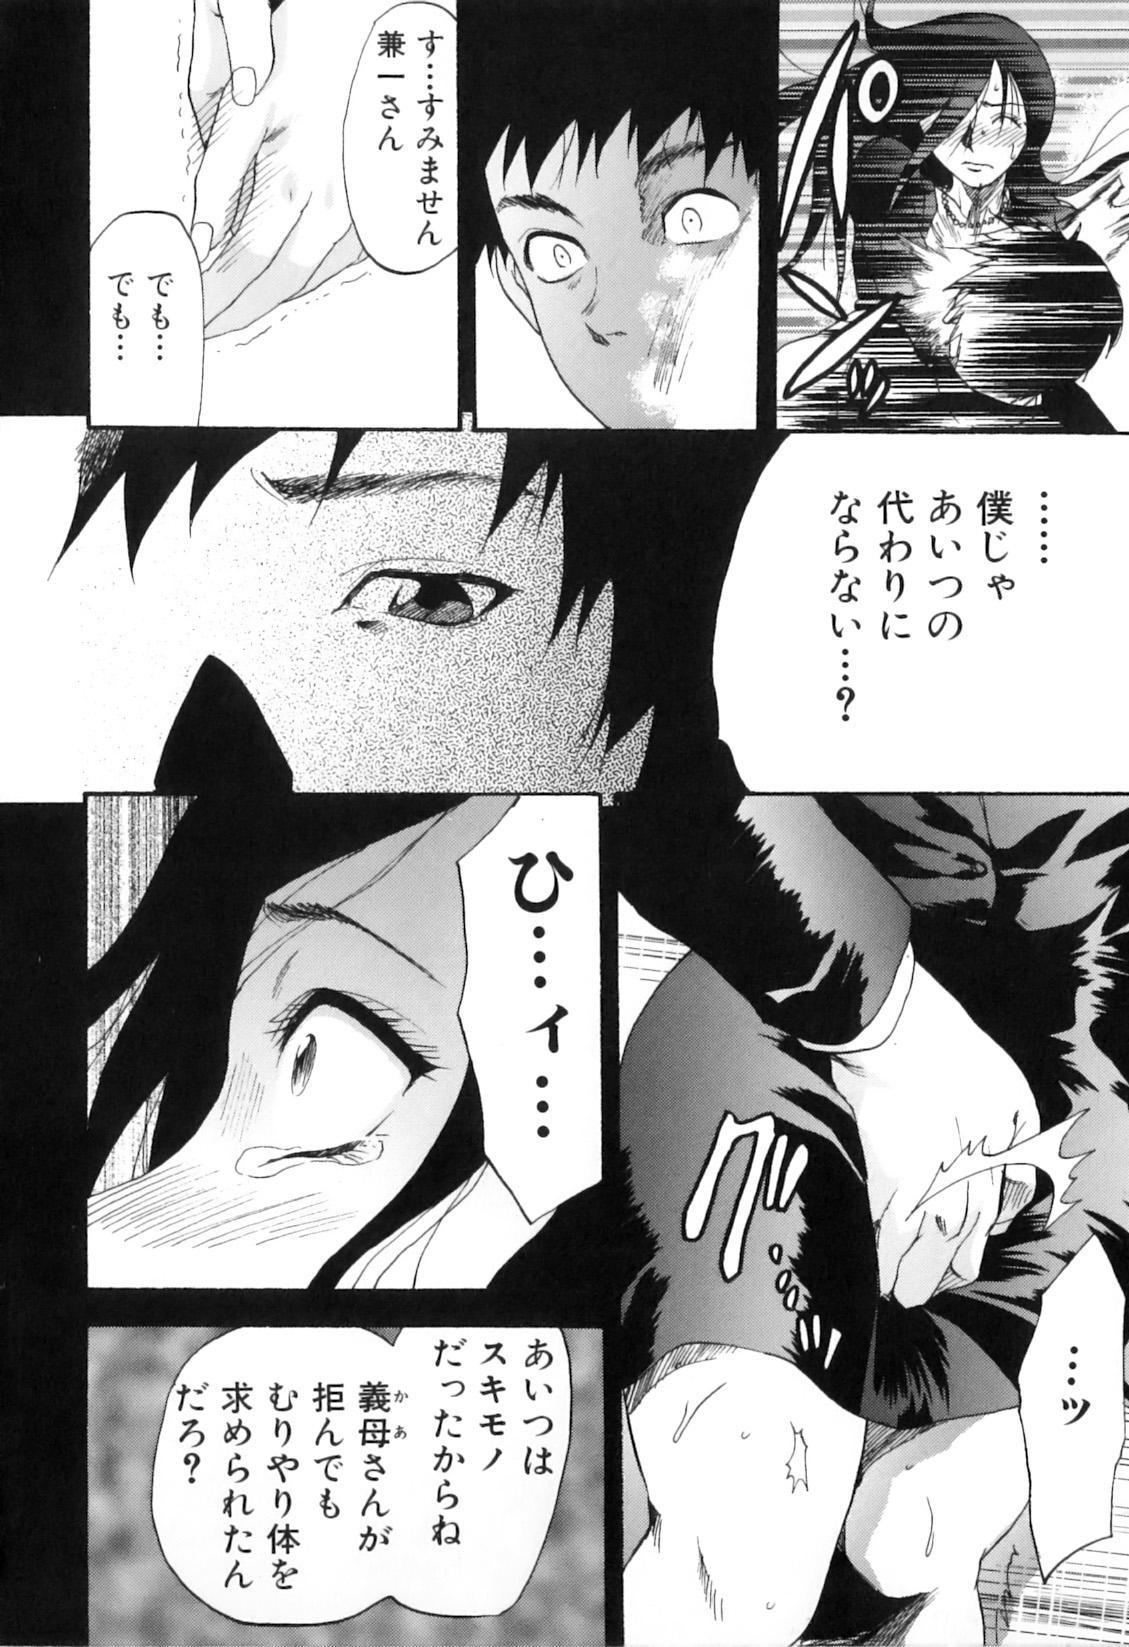 Yokujou Boshi - Desire Mother and Child 105